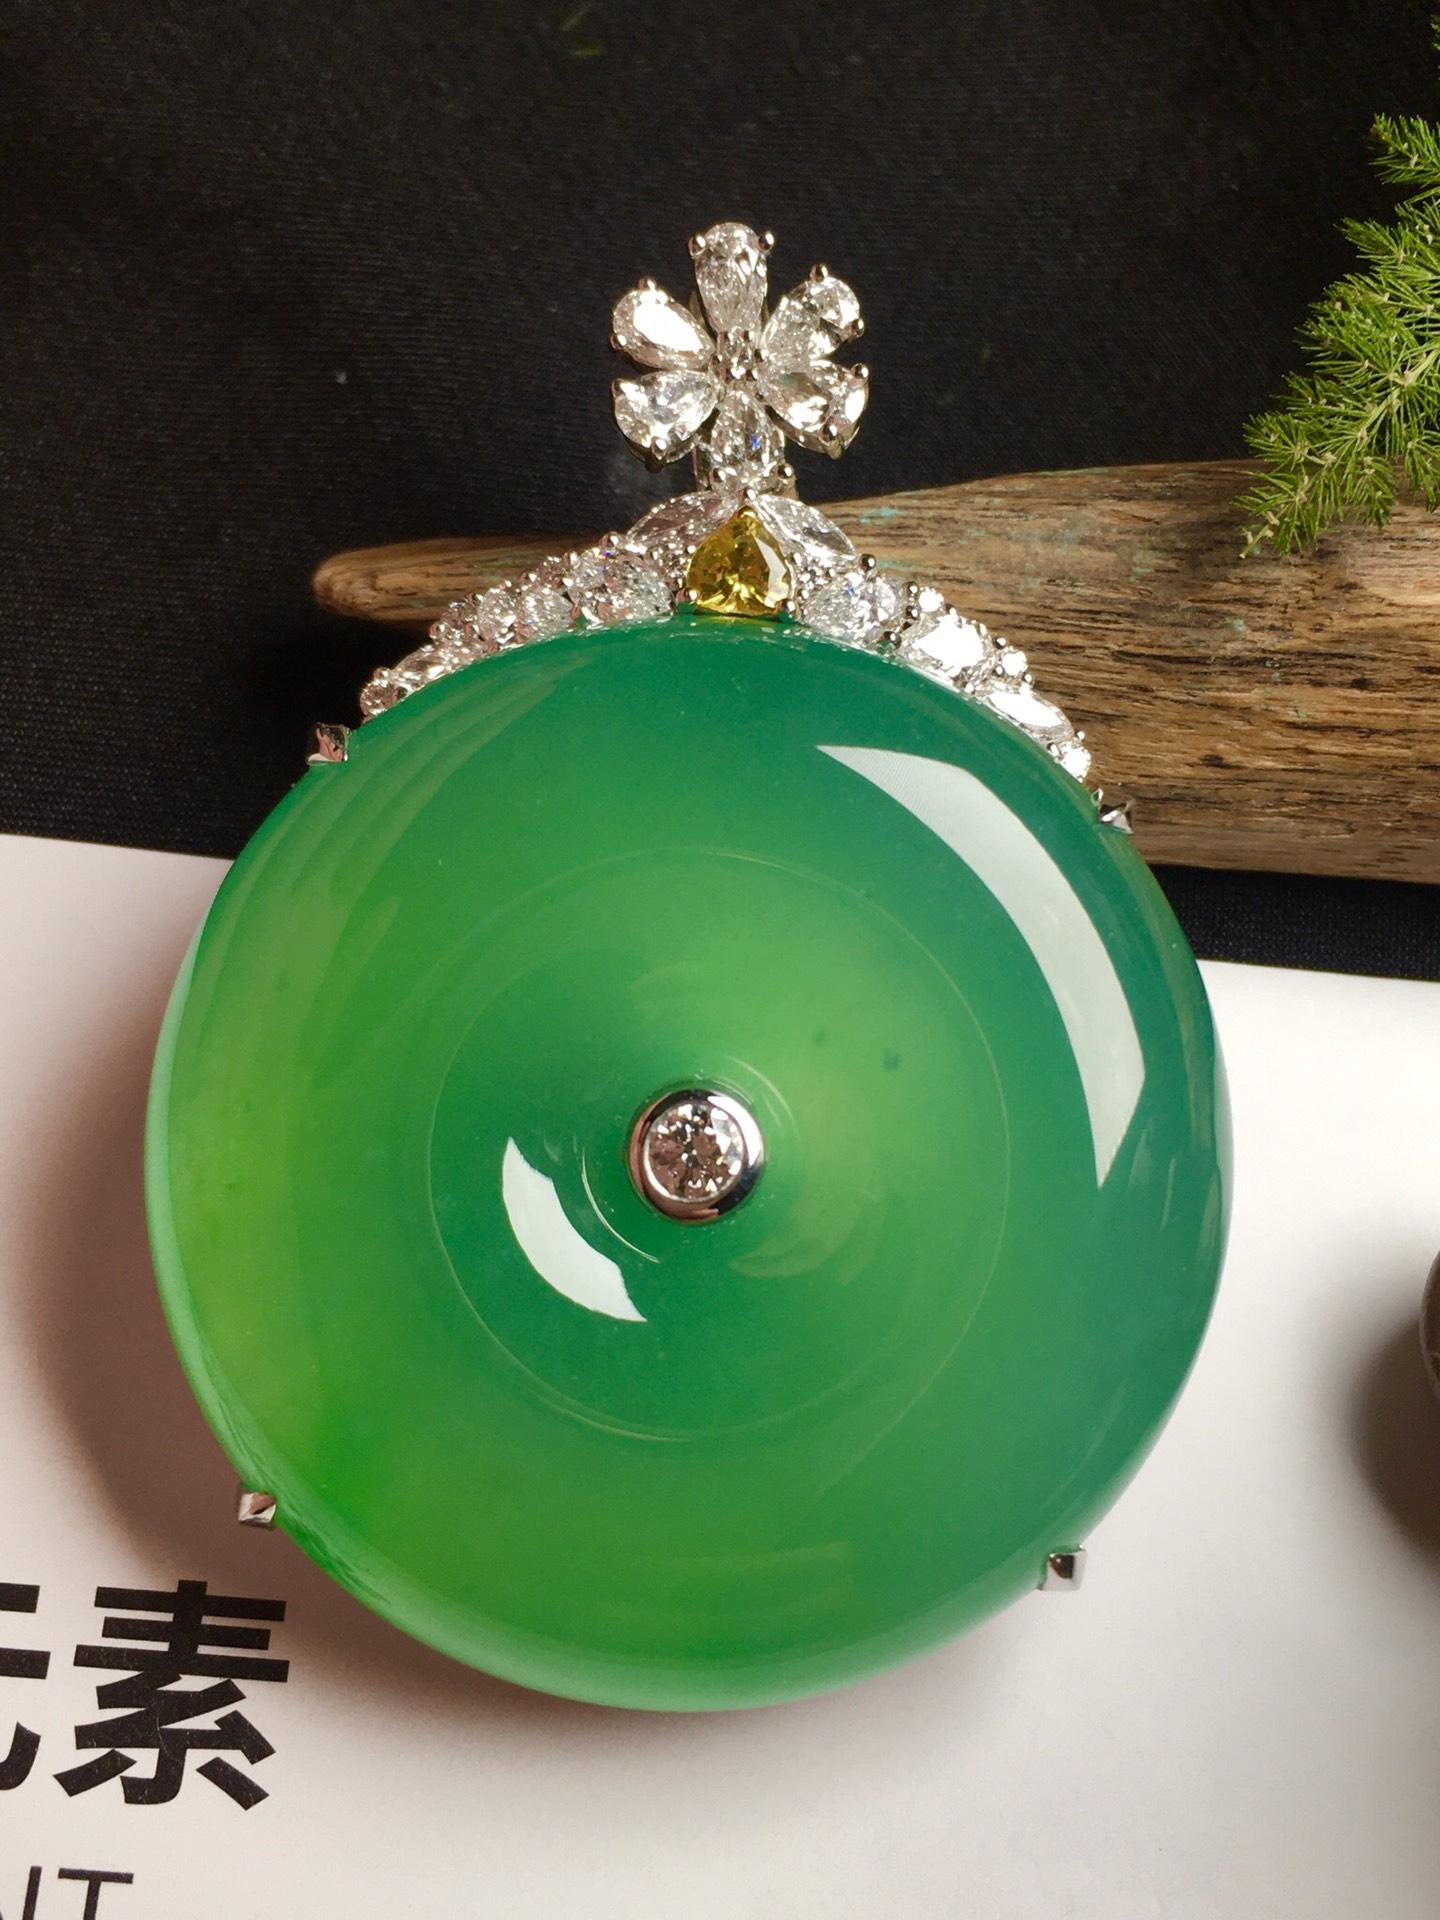 价:【平安扣,冰正阳绿】通透,润水细腻,完美,18k金华奢钻镶石嵌☕第4张